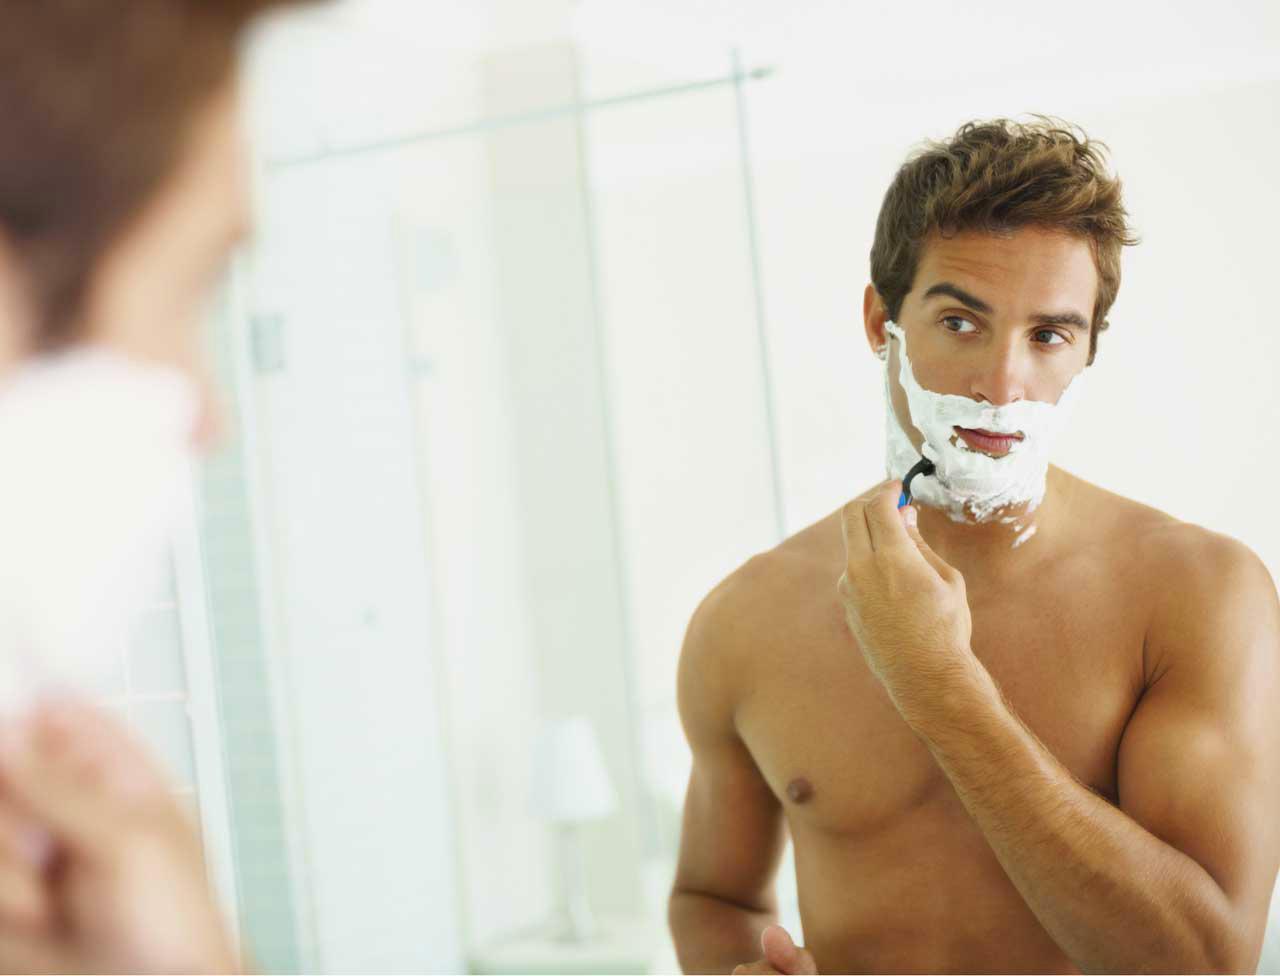 Conseils pour bien se raser - Tips for shaving well